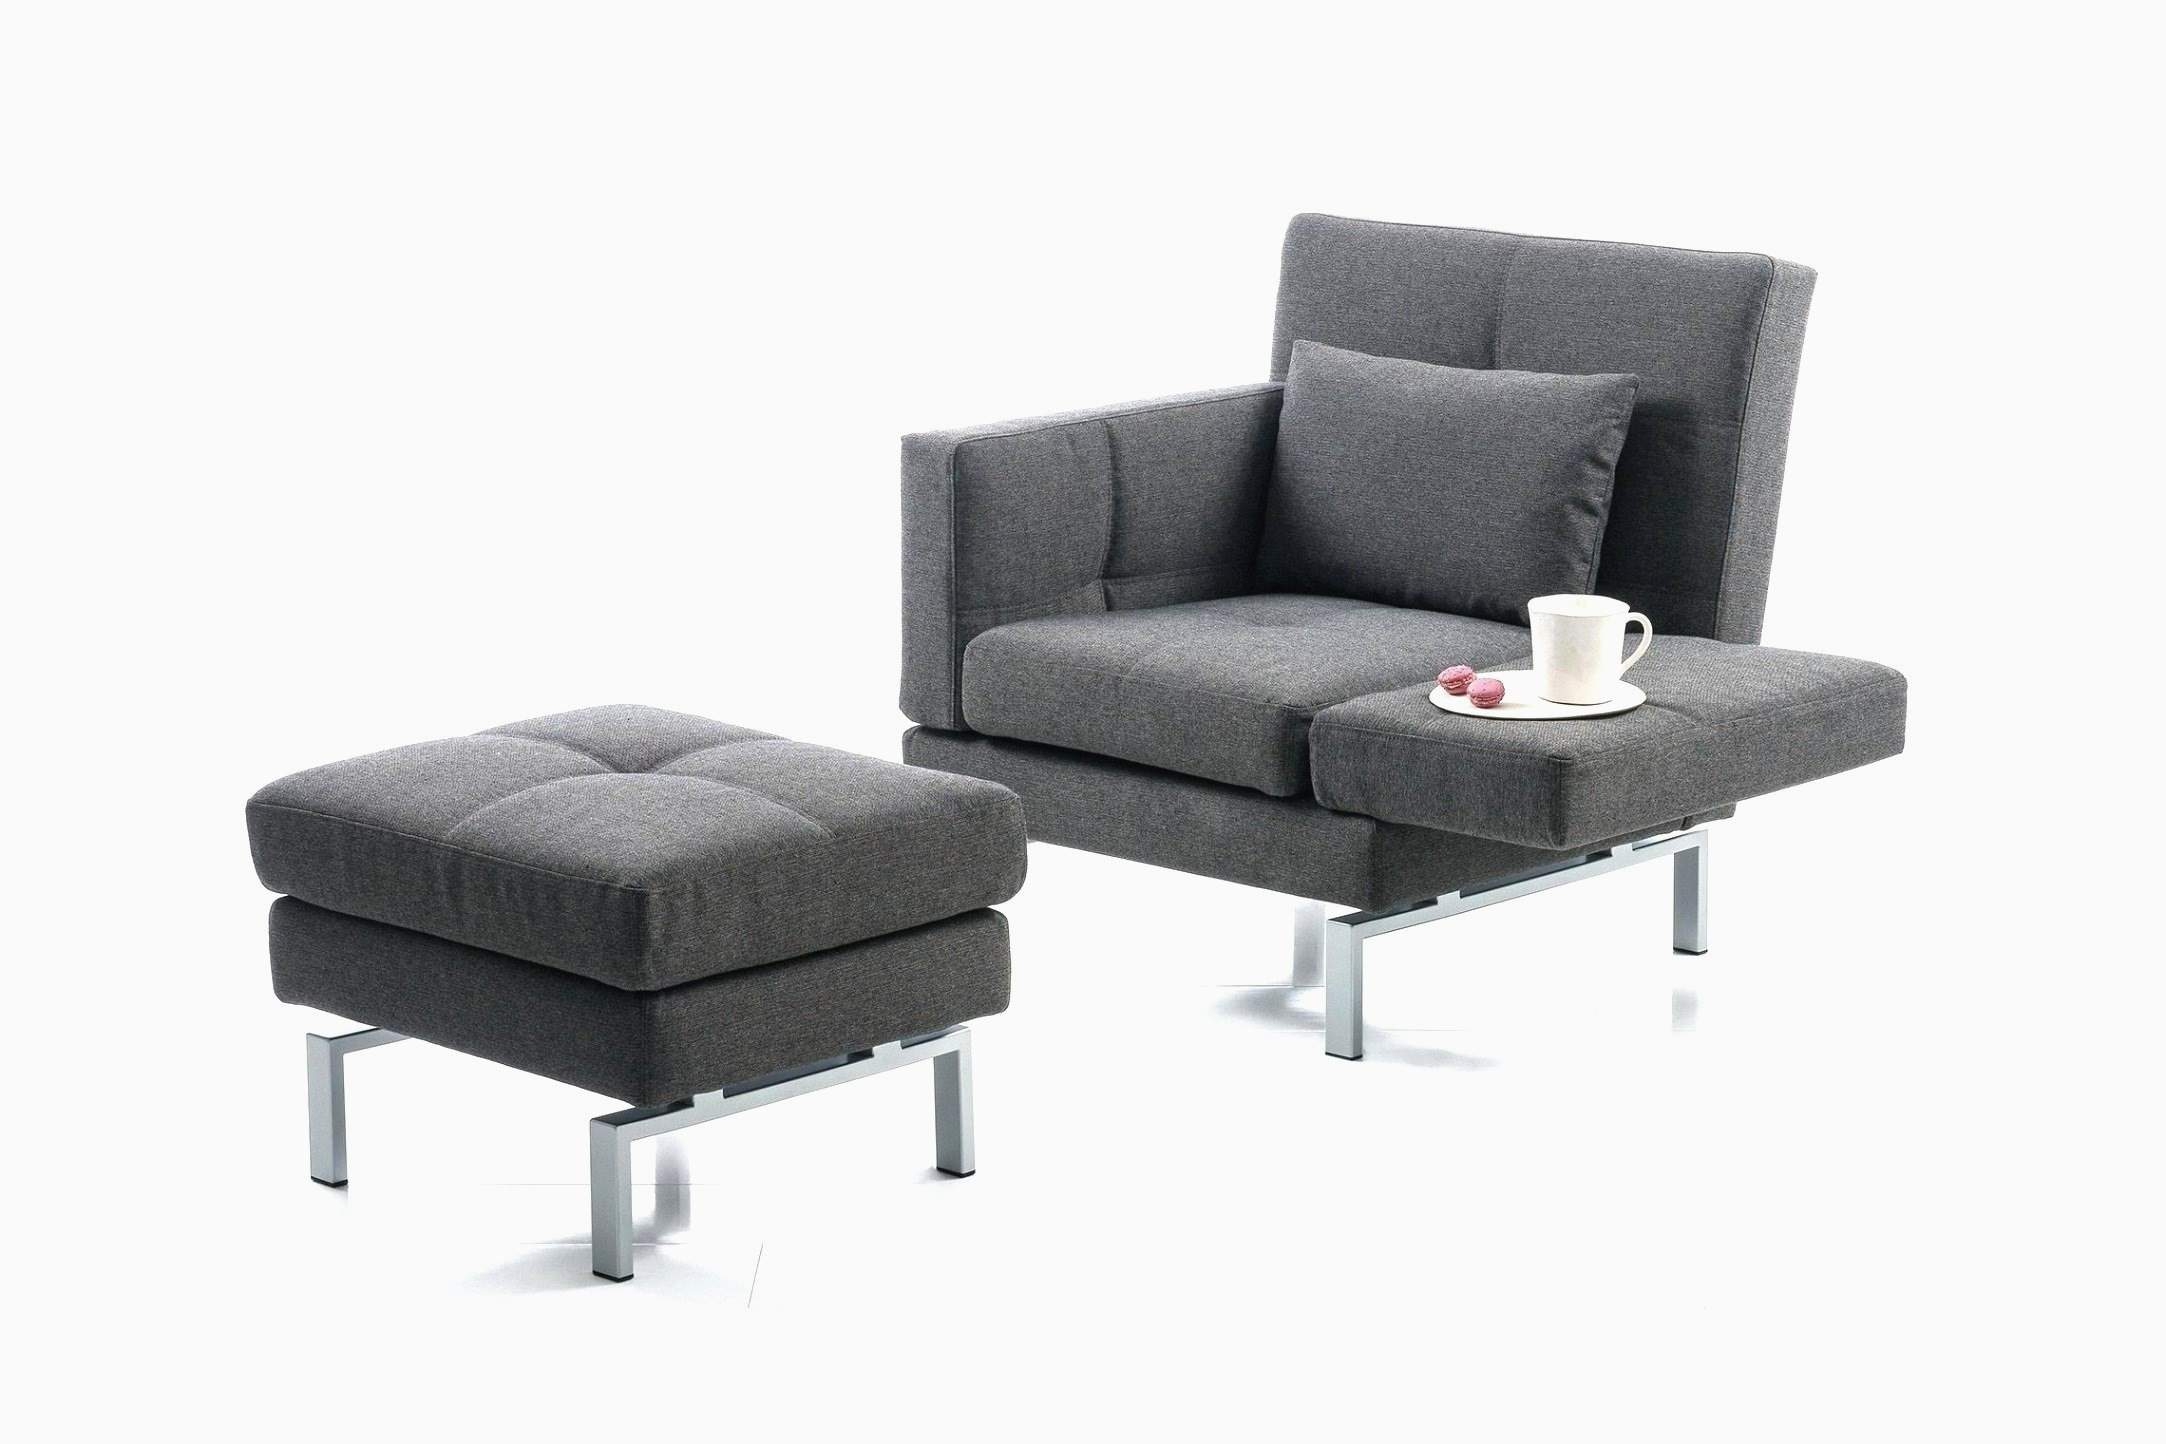 Full Size of Sessel Ikea Relaxsessel Garten Lounge Aldi Sofa Mit Schlaffunktion Wohnzimmer Küche Kosten Schlafzimmer Hängesessel Kaufen Miniküche Betten 160x200 Bei Wohnzimmer Sessel Ikea